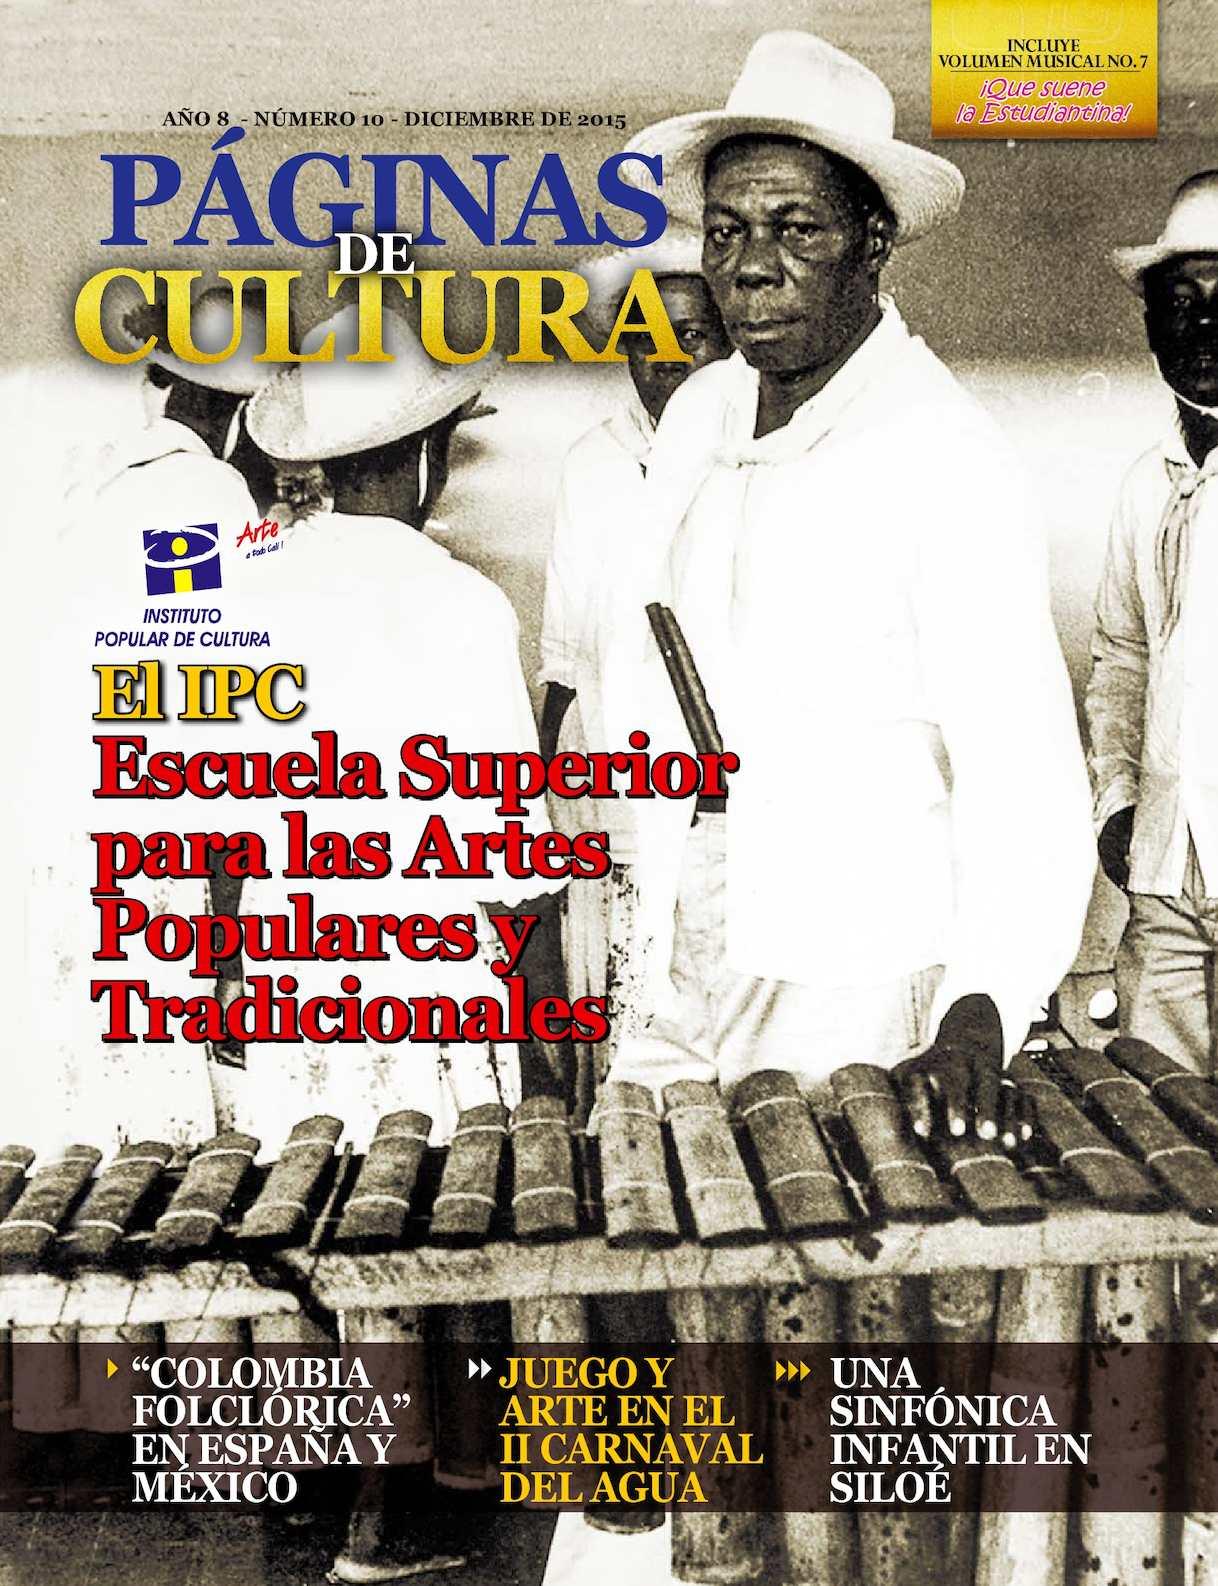 Calaméo - Revista Paginas De Cultura Ipc No 10 4pdf 9728456d3e748